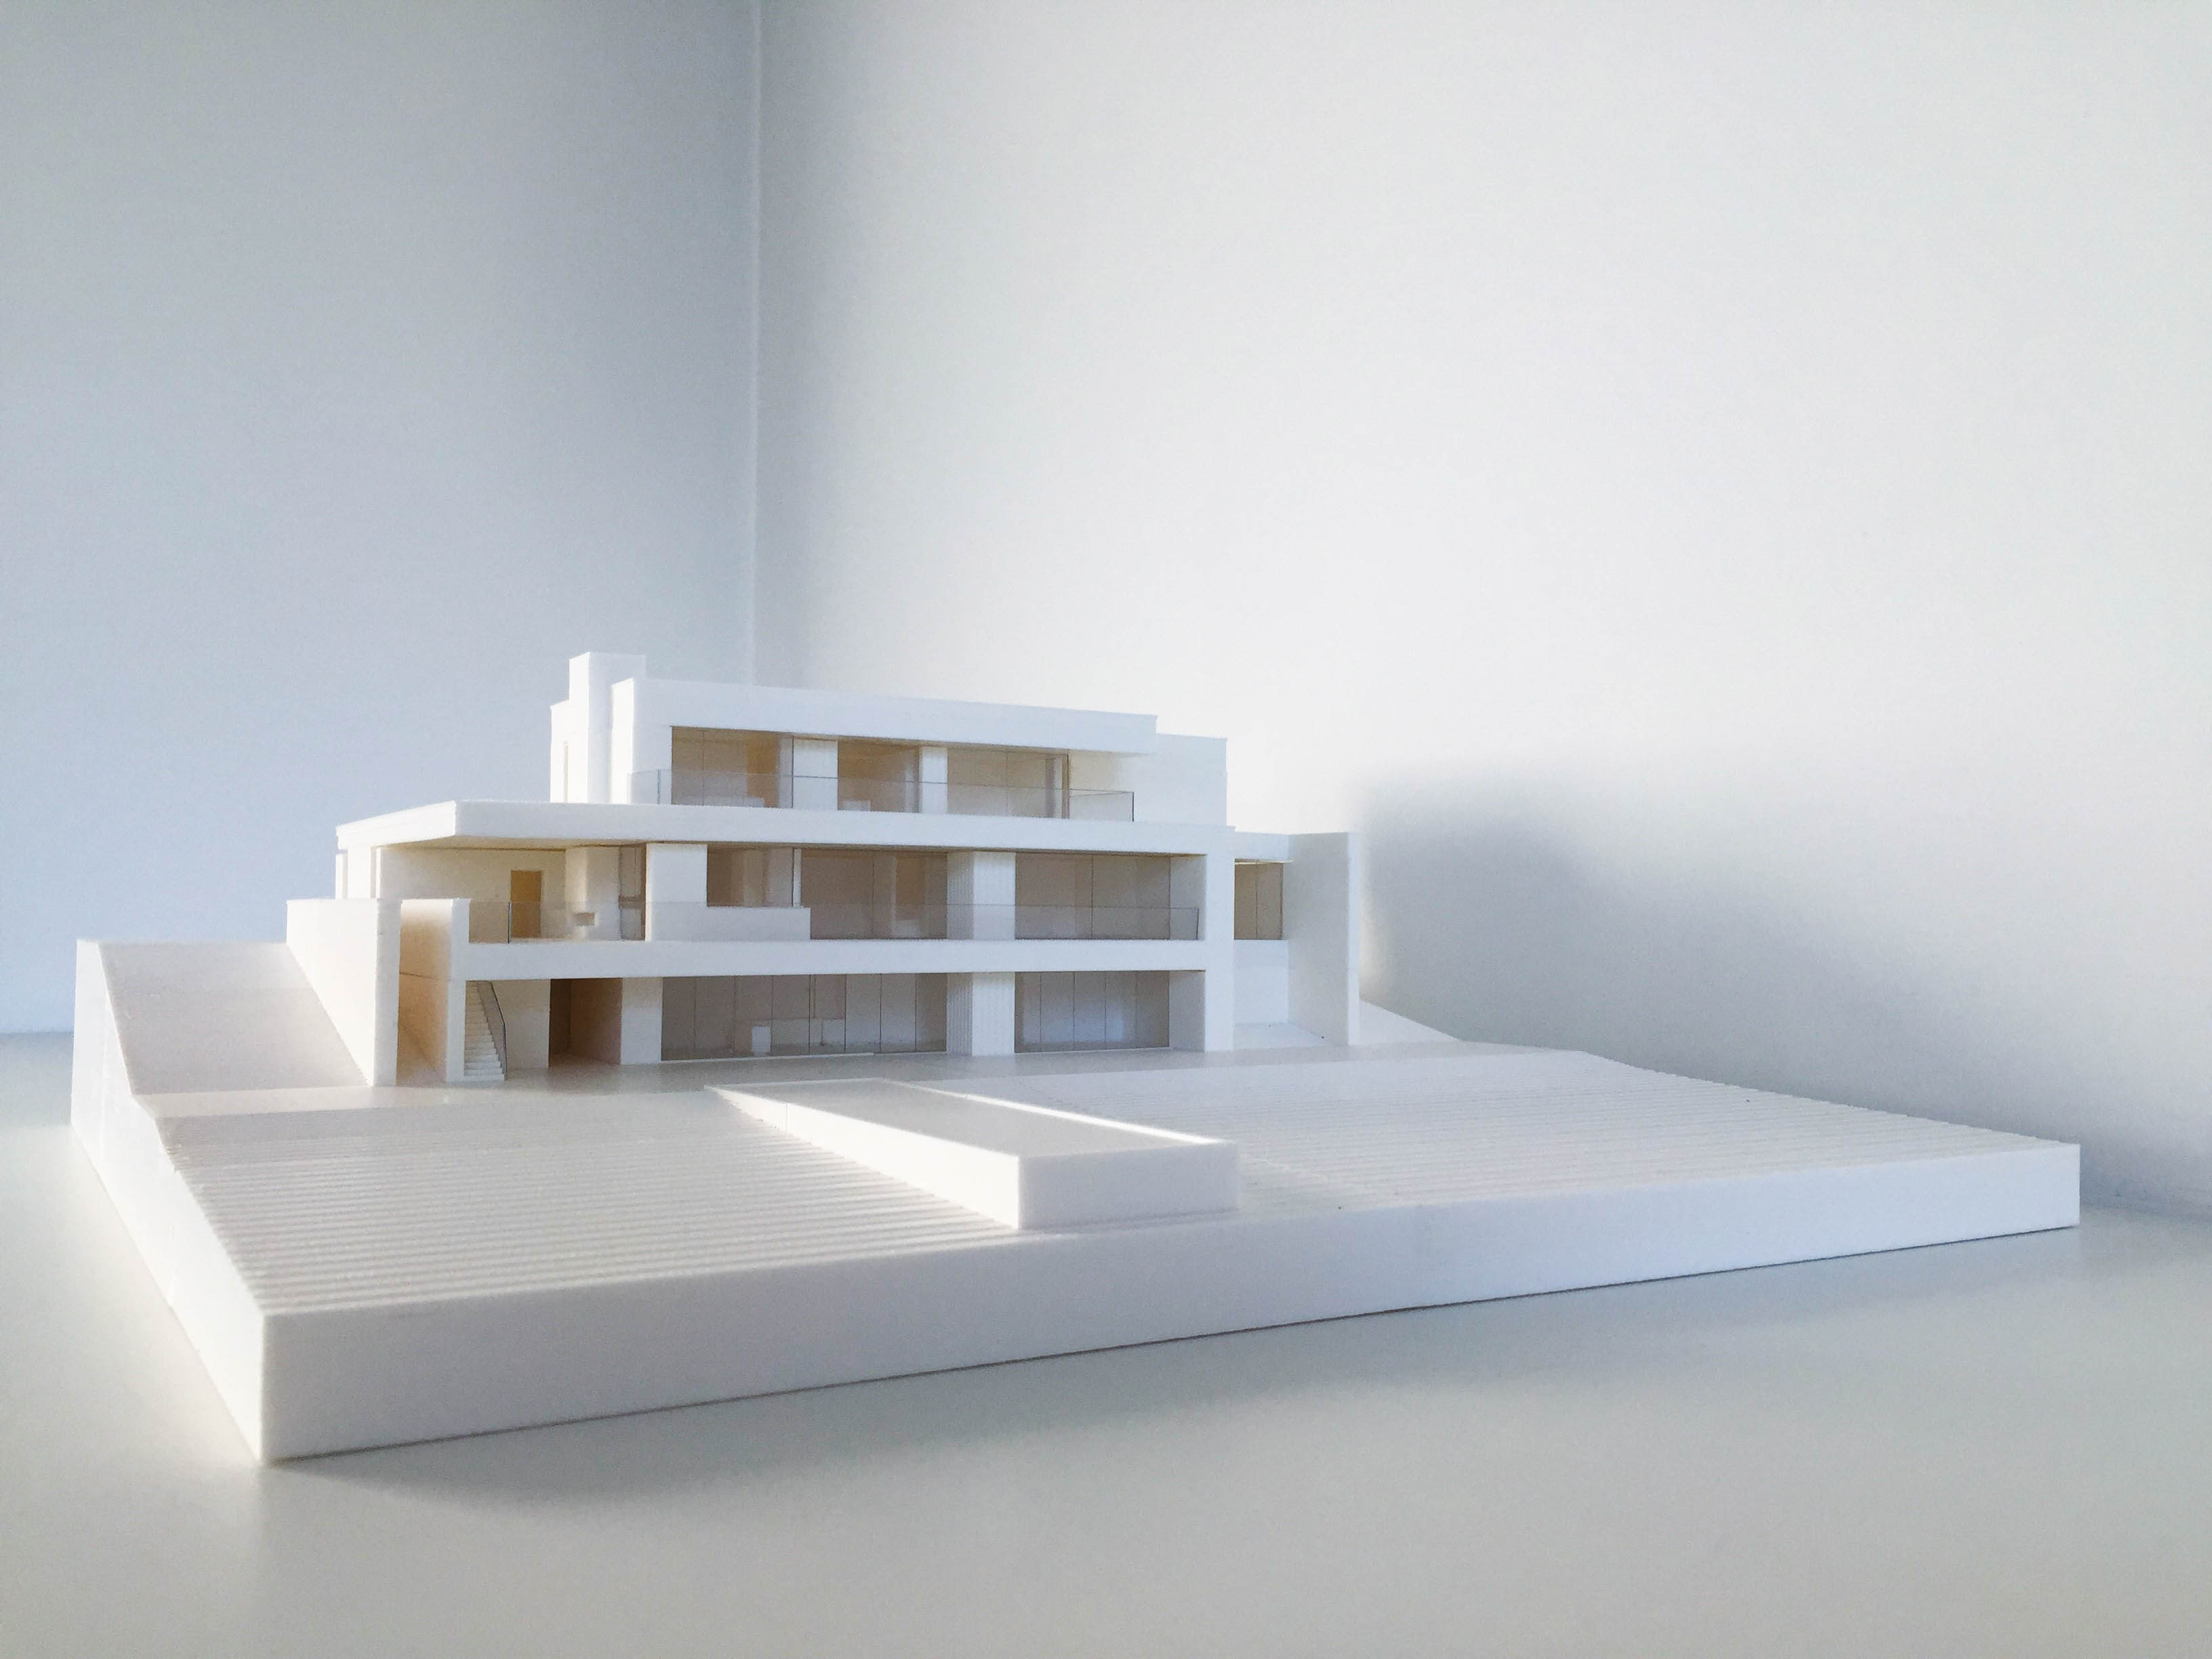 3D print scale model villa, removable per floor